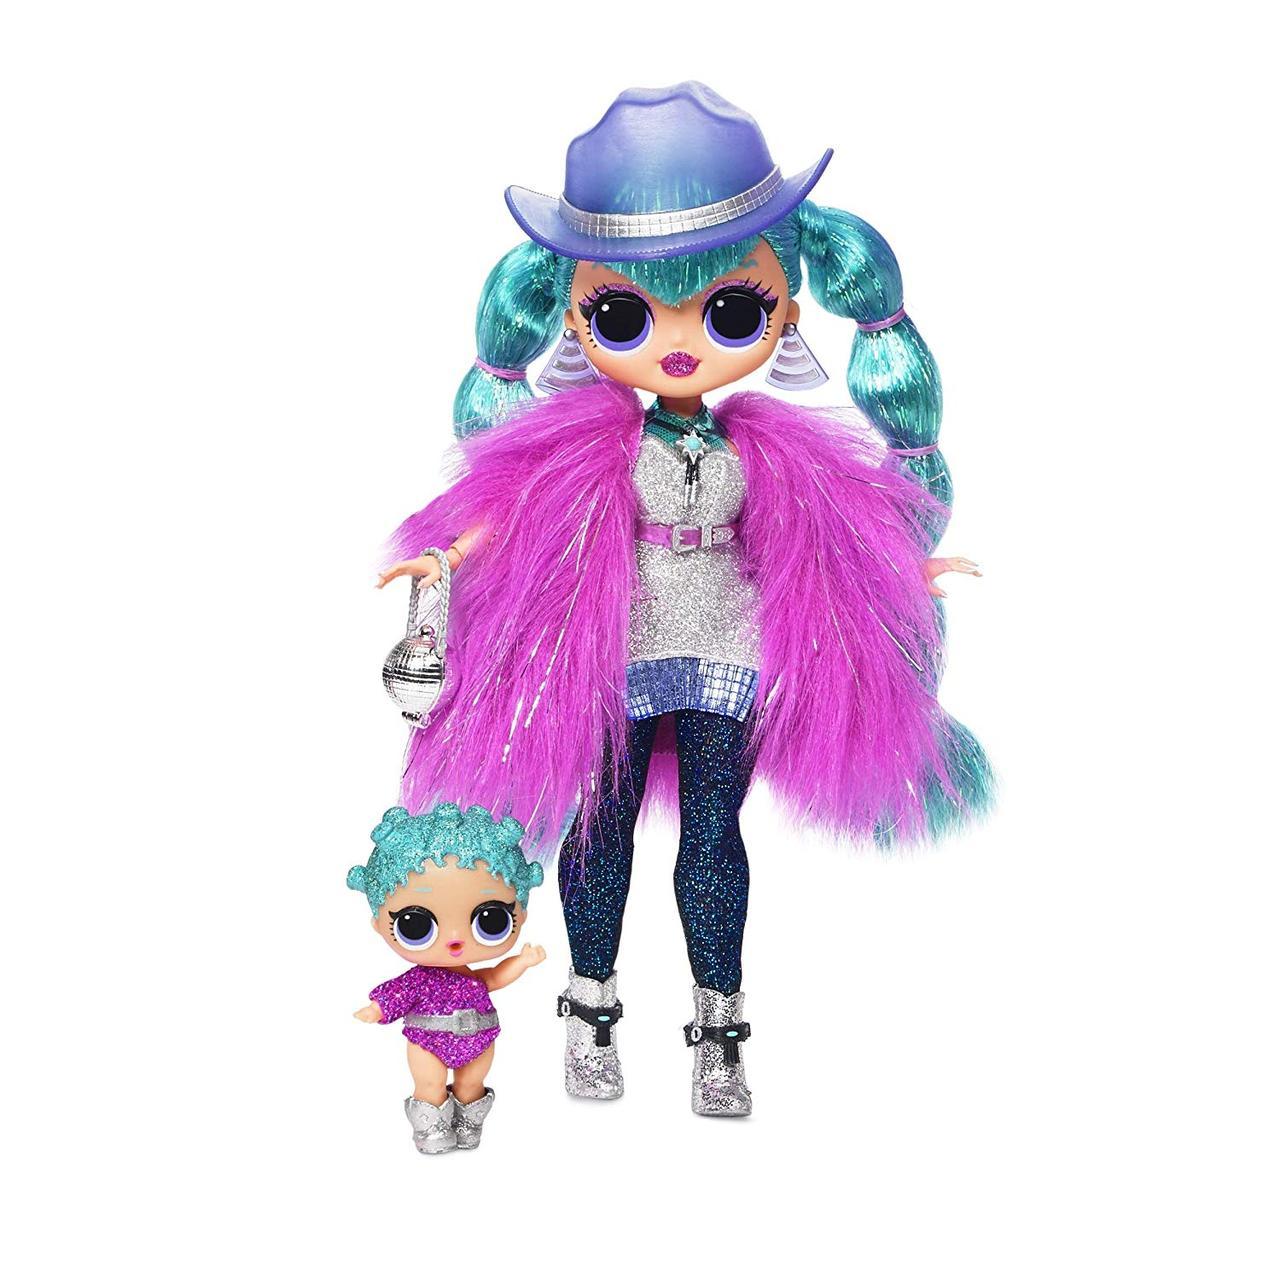 Кукла ЛОЛ Леди Галактика ОМГ и сестра LOL сюрприз L.O.L. Surprise! O.M.G. Winter Disco Cosmic Nova Fashion